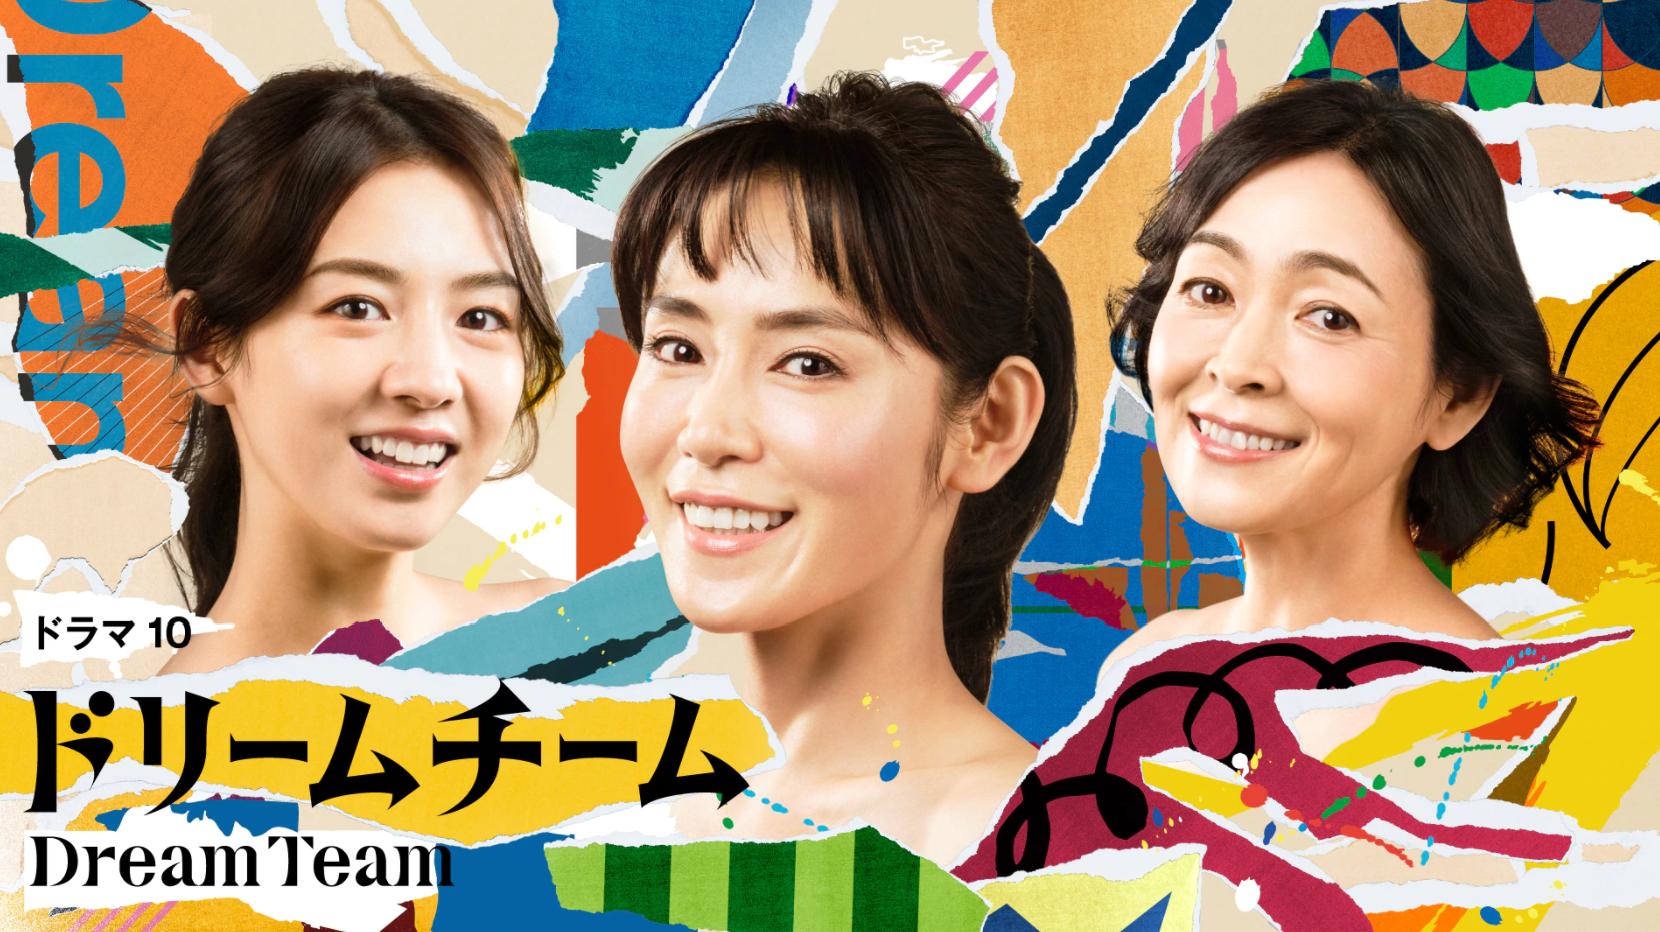 香菜が始めたキッチンカーはSNSで反響を呼び大忙し。だが、ライバルが出現。恩師の妻には男性の影が...<br /> <ドラマ10 ドリームチーム/第5話「ズルい女たち」>(NHK総合2月19日金曜)